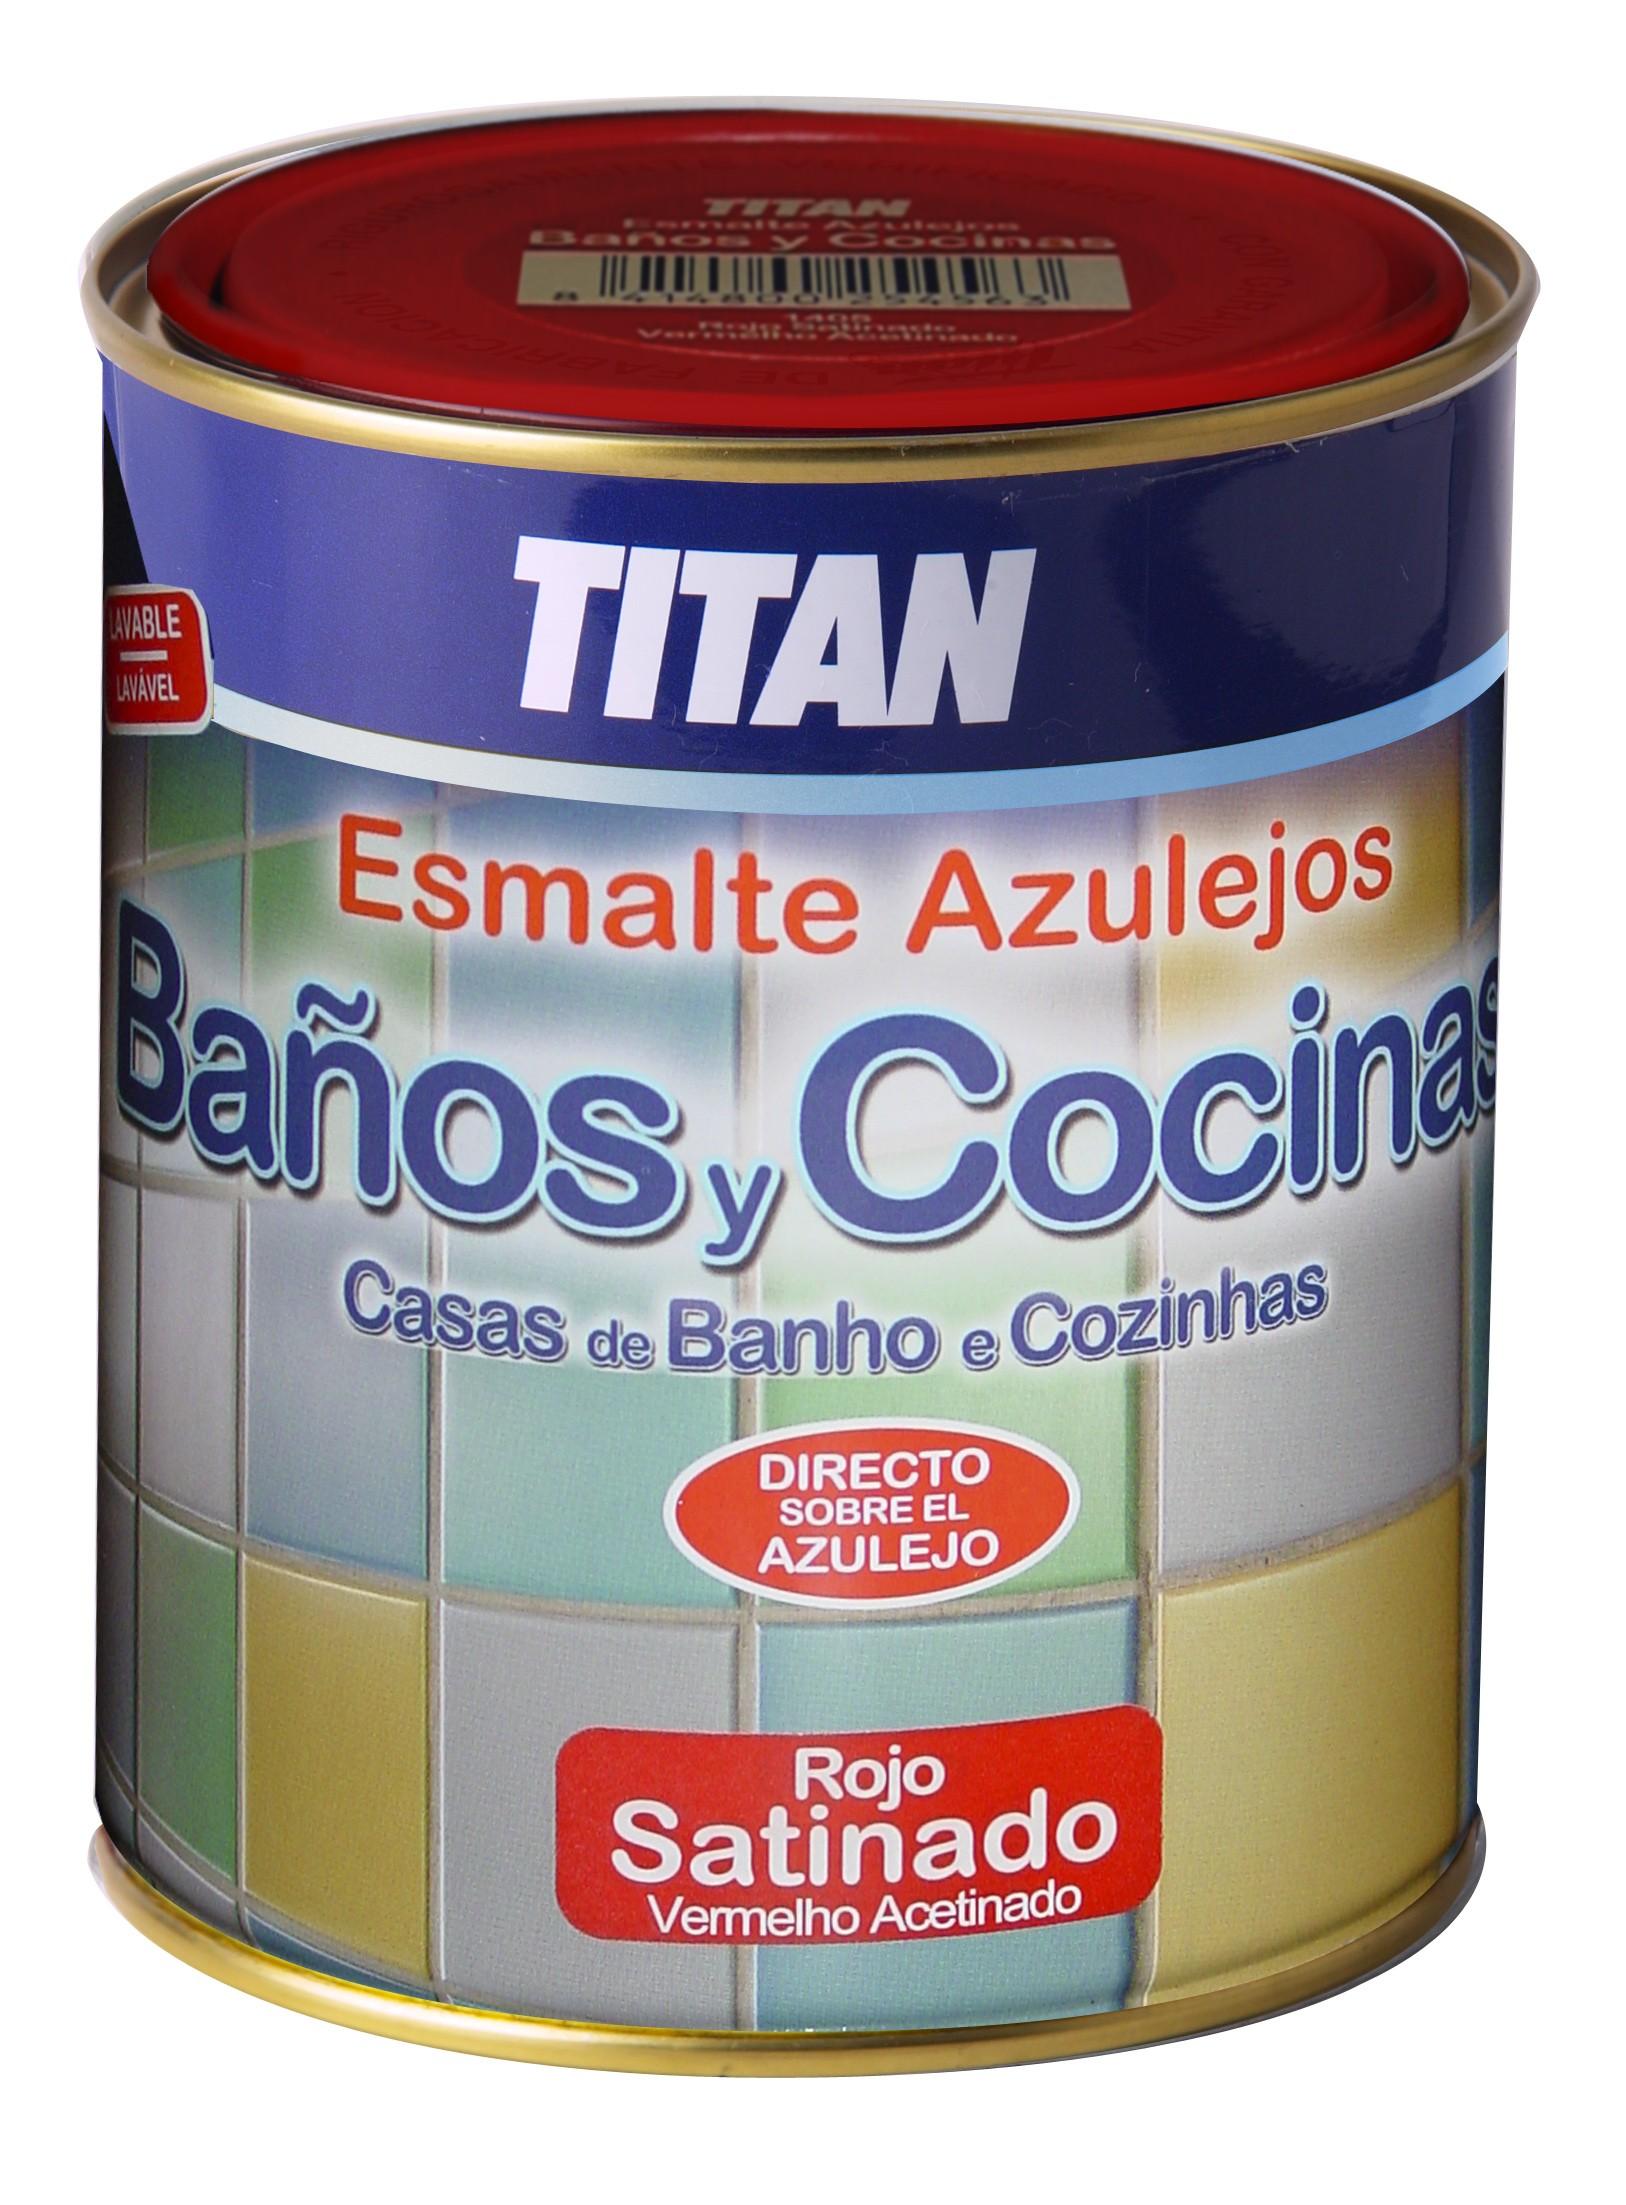 Pintura para azulejos pintar azulejos ba o titan ba os y cocinas - Pintura para cocinas y banos ...